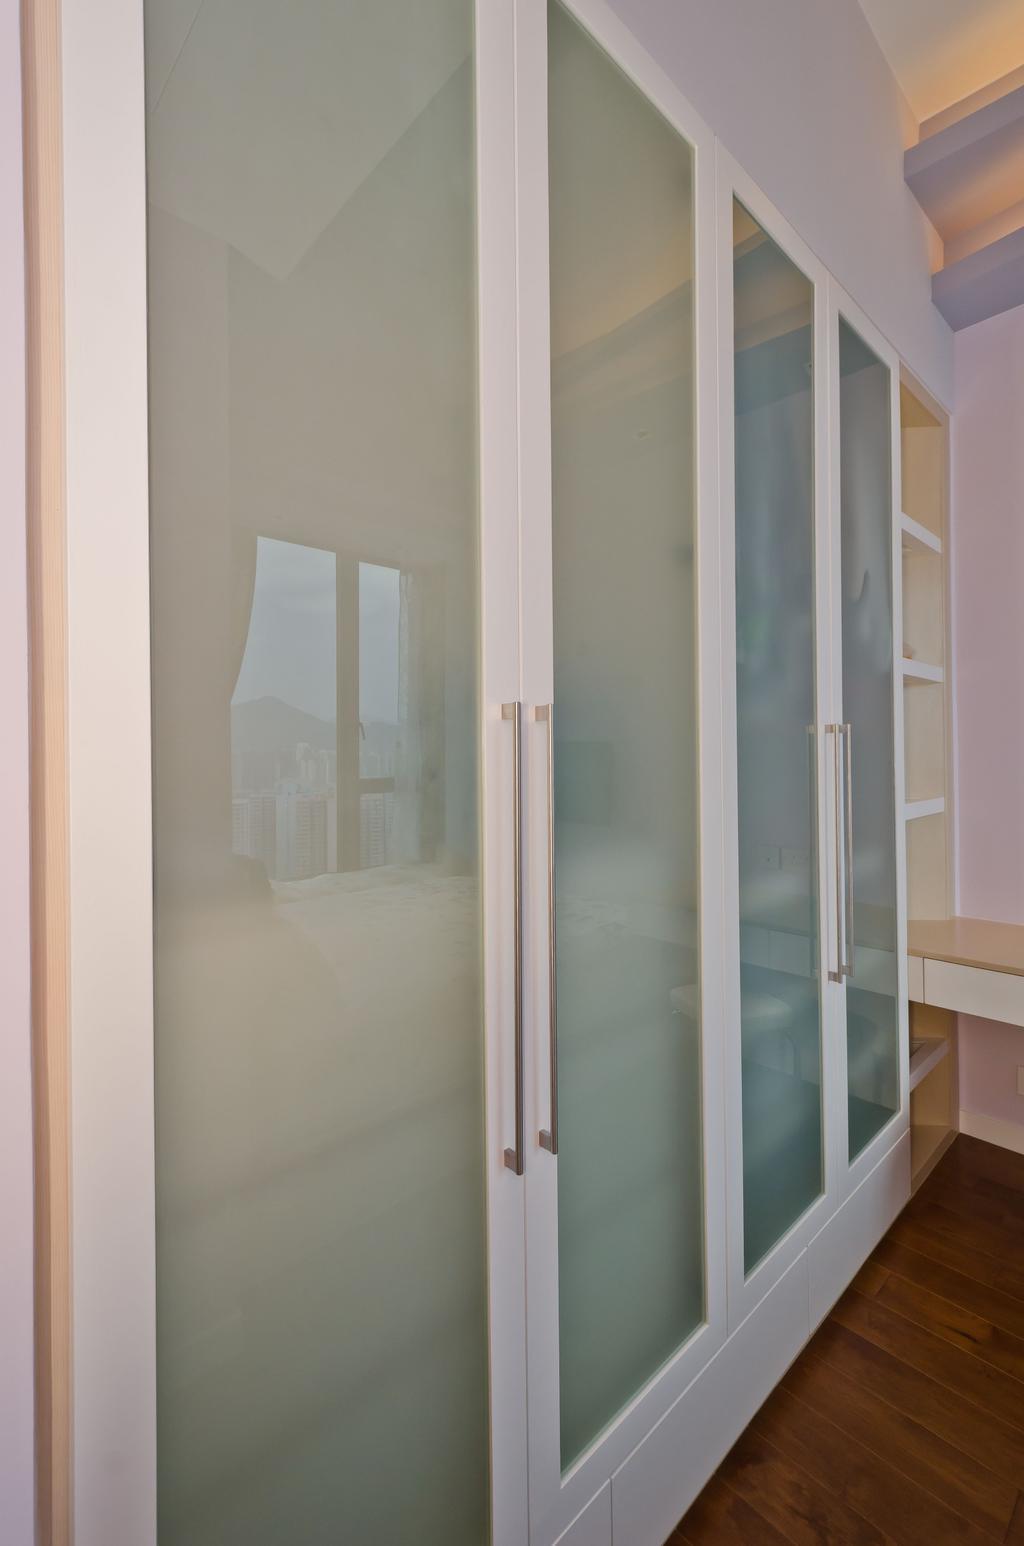 私家樓, 睡房, 天晉8座D室, 室內設計師, 現時設計